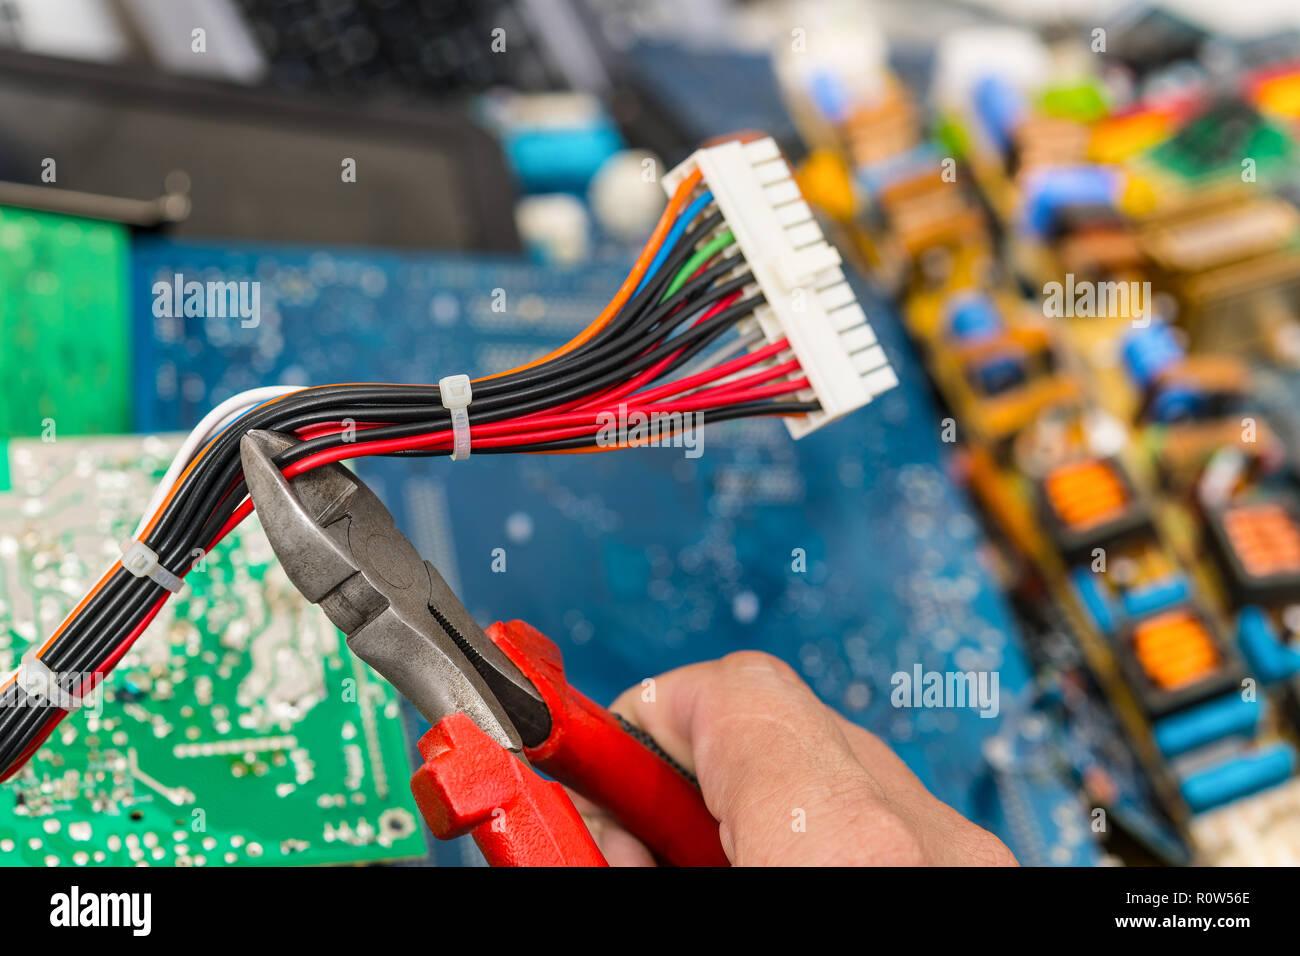 Eliminación de residuos electrónicos mediante una pinza en la mano del trabajador. Conector, cable de alimentación, la placa base del equipo. Placas de circuito colorido montón. Desmontar las piezas del PC. Imagen De Stock